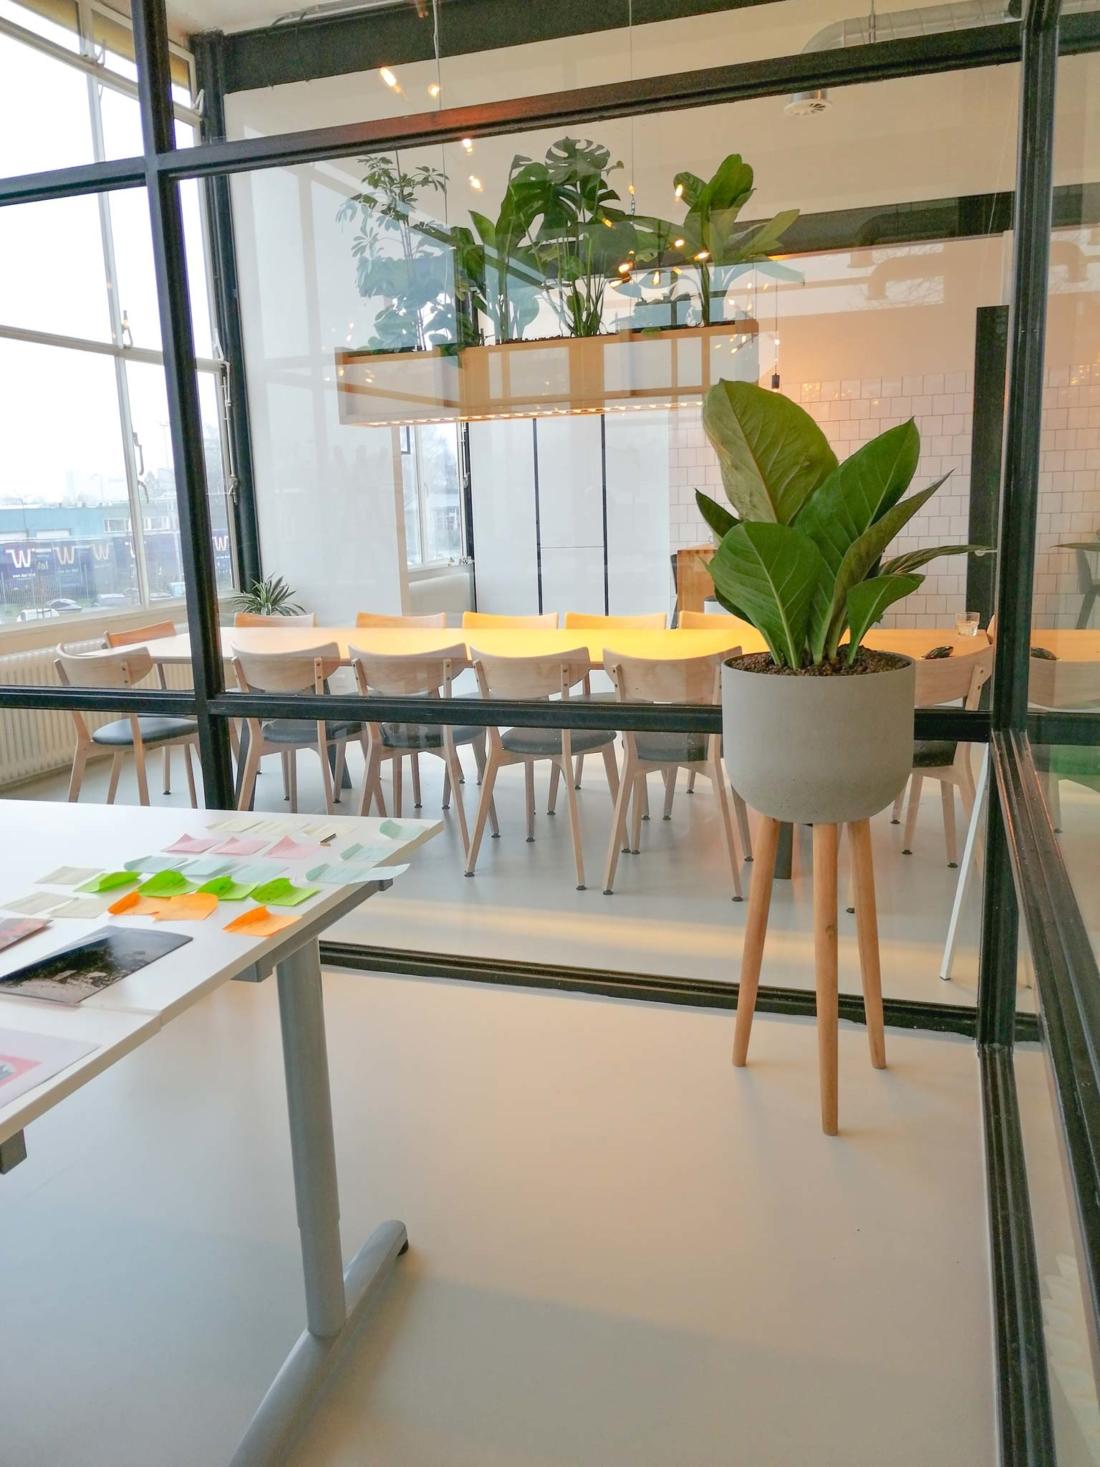 Plantenbak-met-houten-poten-kantoor-1100x1467.jpg